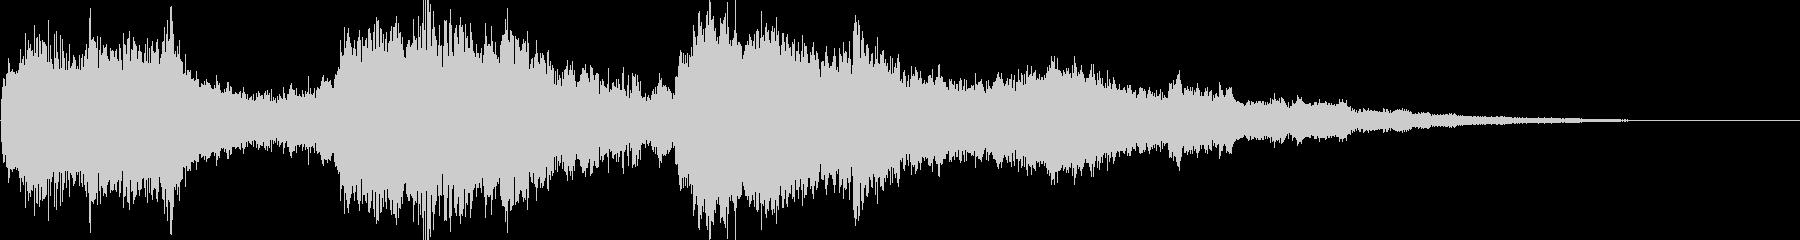 キラキラピアノのCM前ジングルの未再生の波形